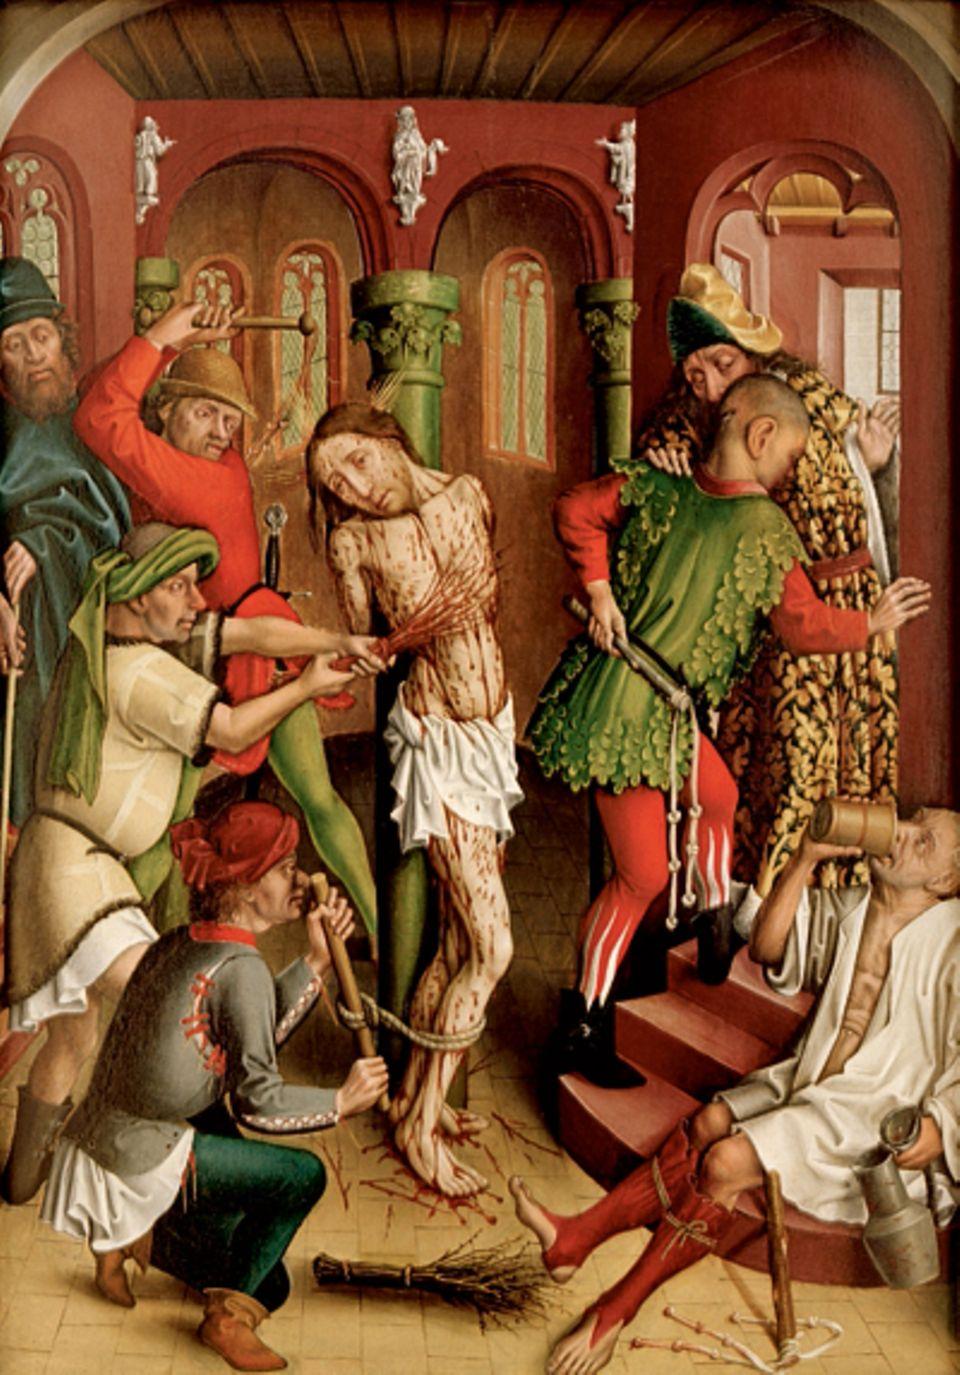 """Malerei vor Dürer: Um 1450 beschönigen die Maler ihre Motive nicht mehr so sehr: Hans Hirtz zeigt bei der """"Geisselung christi"""" den blutüberströmten Körper Jesu - und Peiniger, die ungerührt ihr Werk verrichten"""